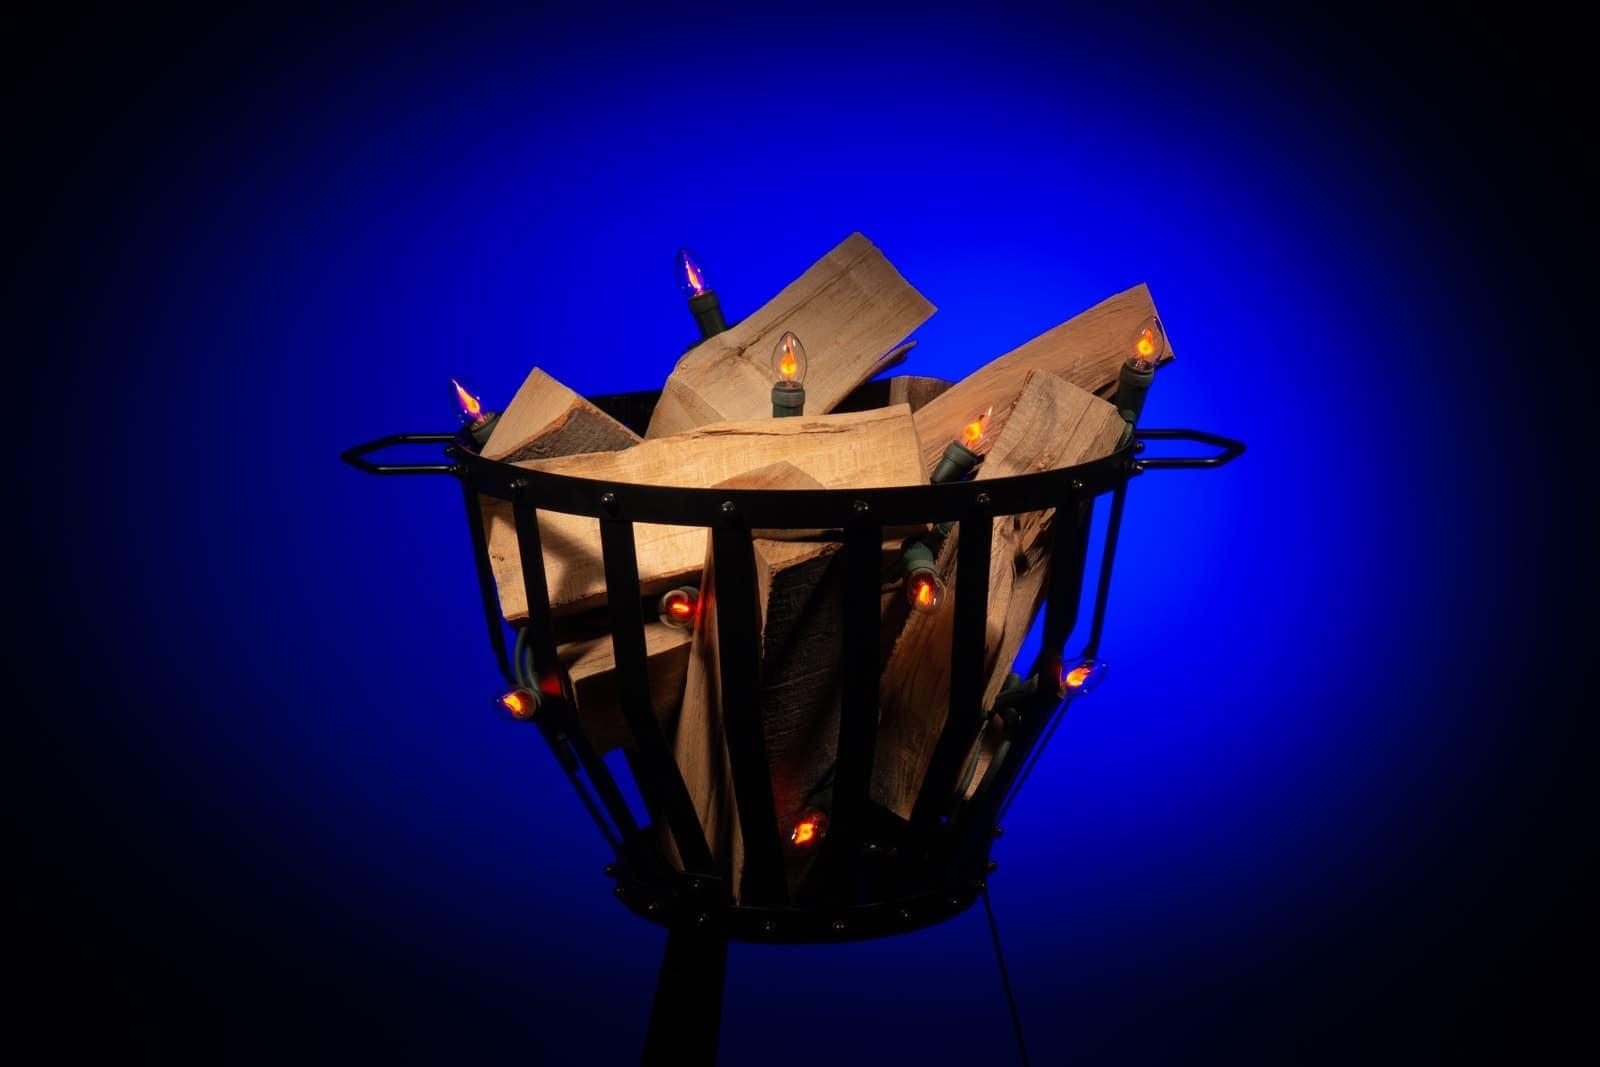 Vlamverlichting • 10 lampjes • 4 meter » Kerstverlichting Buiten